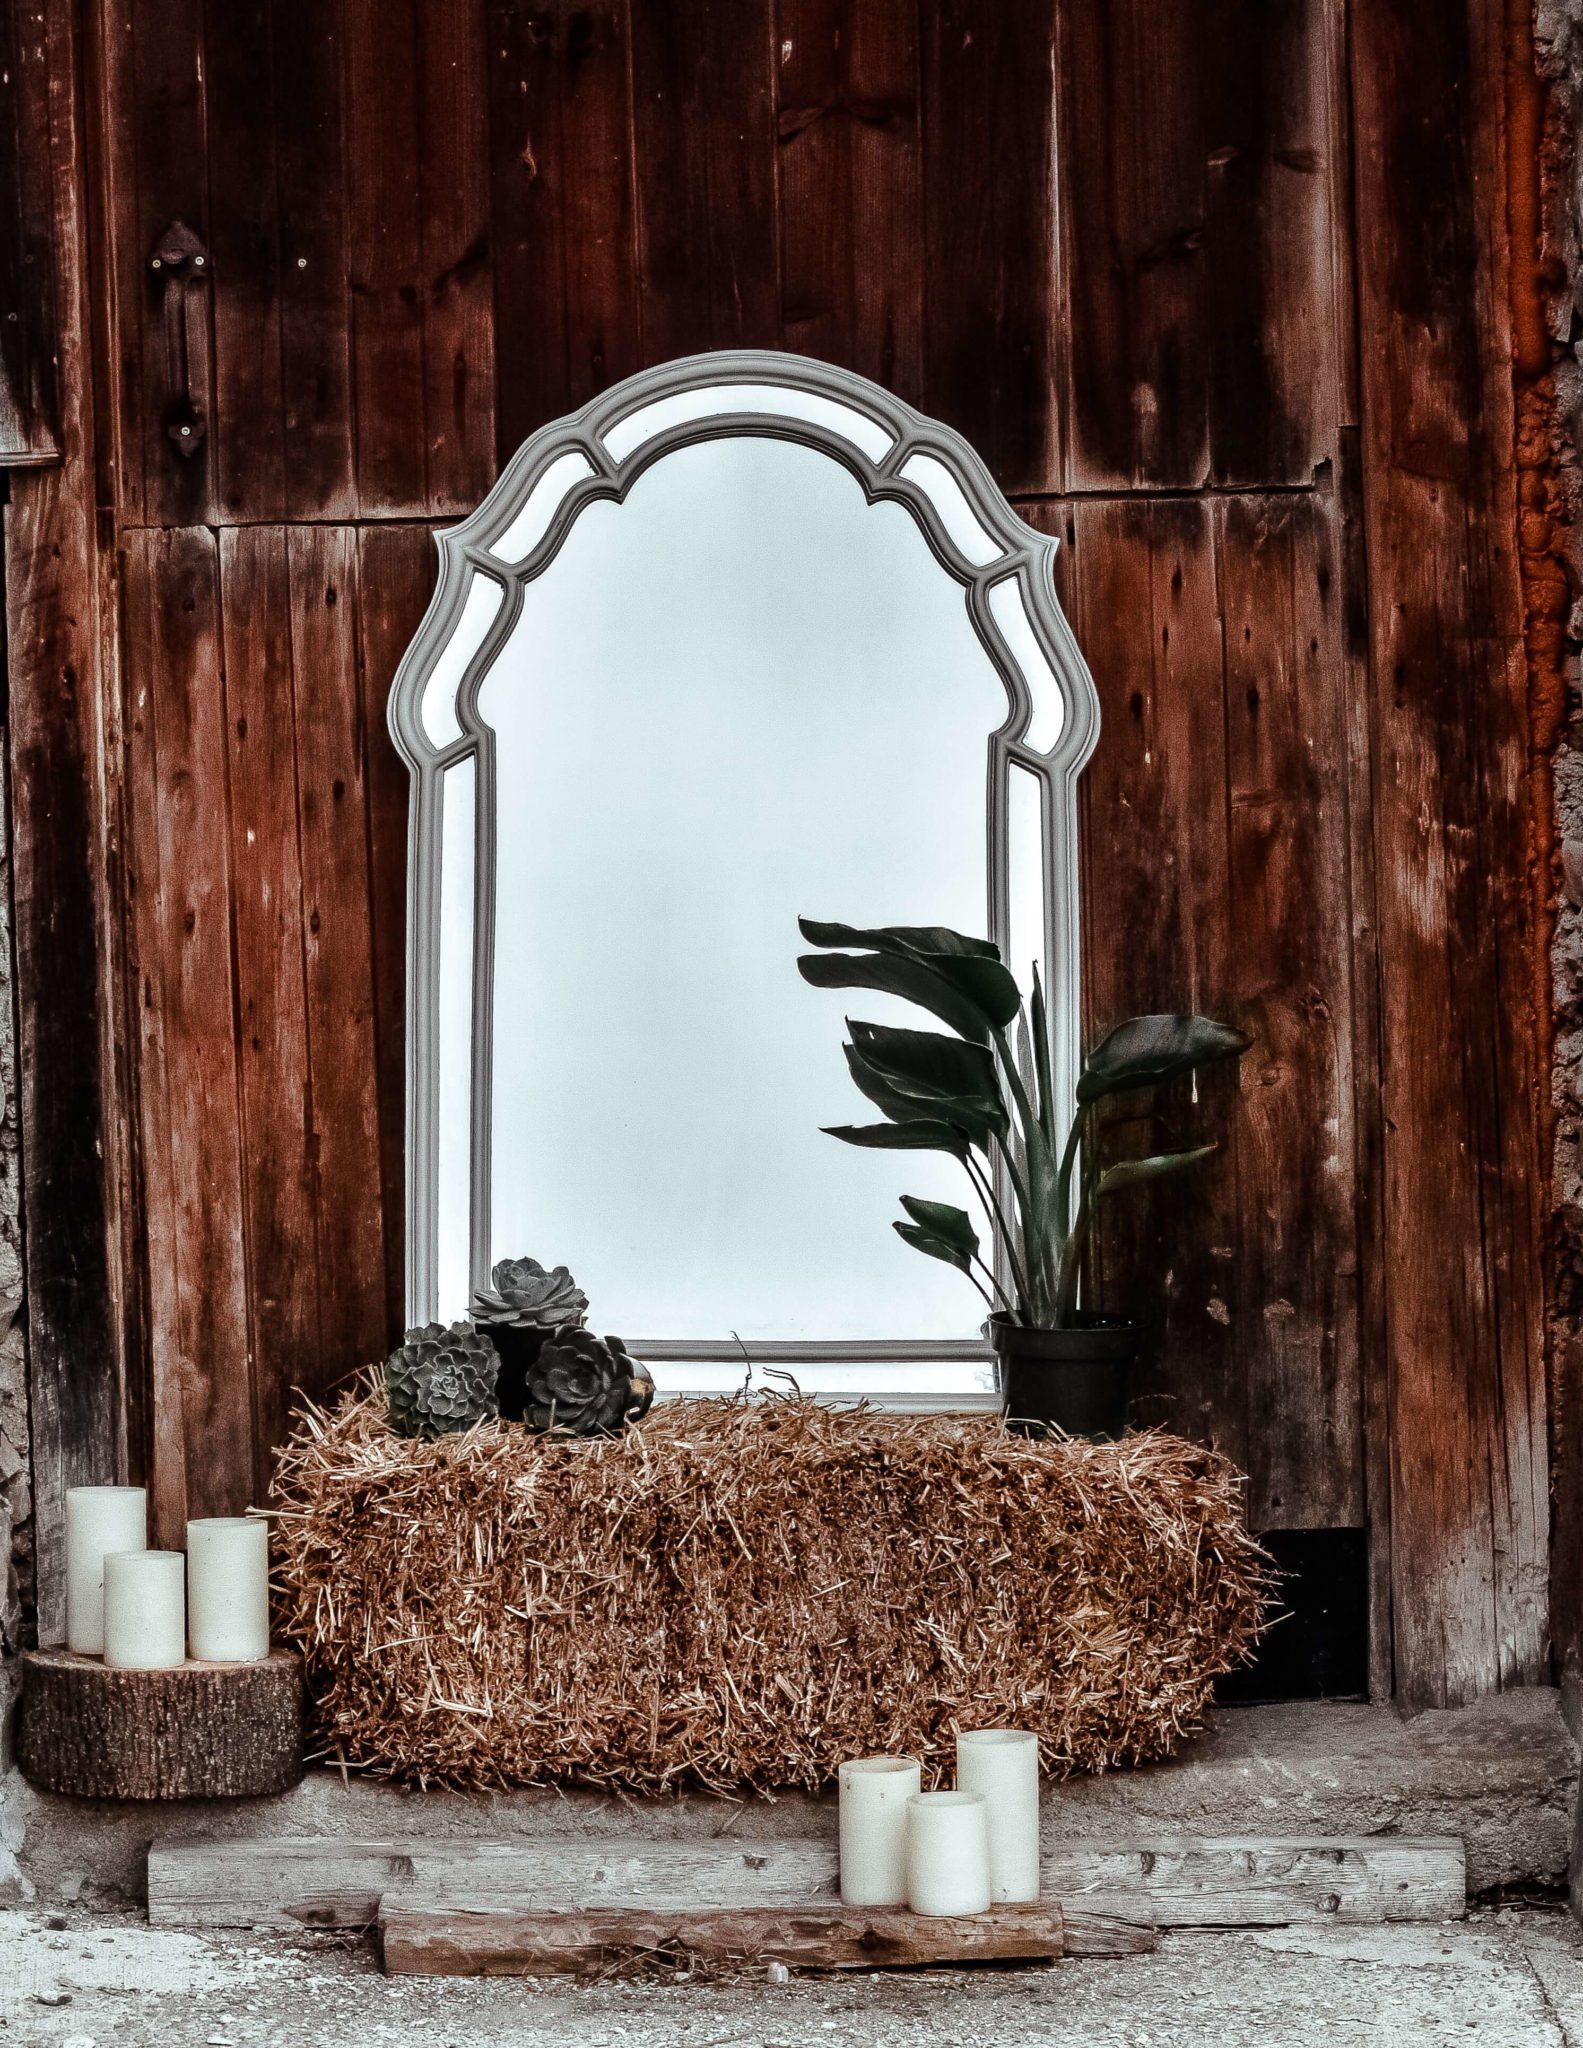 jacalyn beales ub1SVTWHzZc unsplash 2 1583x2048 - 9 objets rétro à intégrer dans une décoration vintage